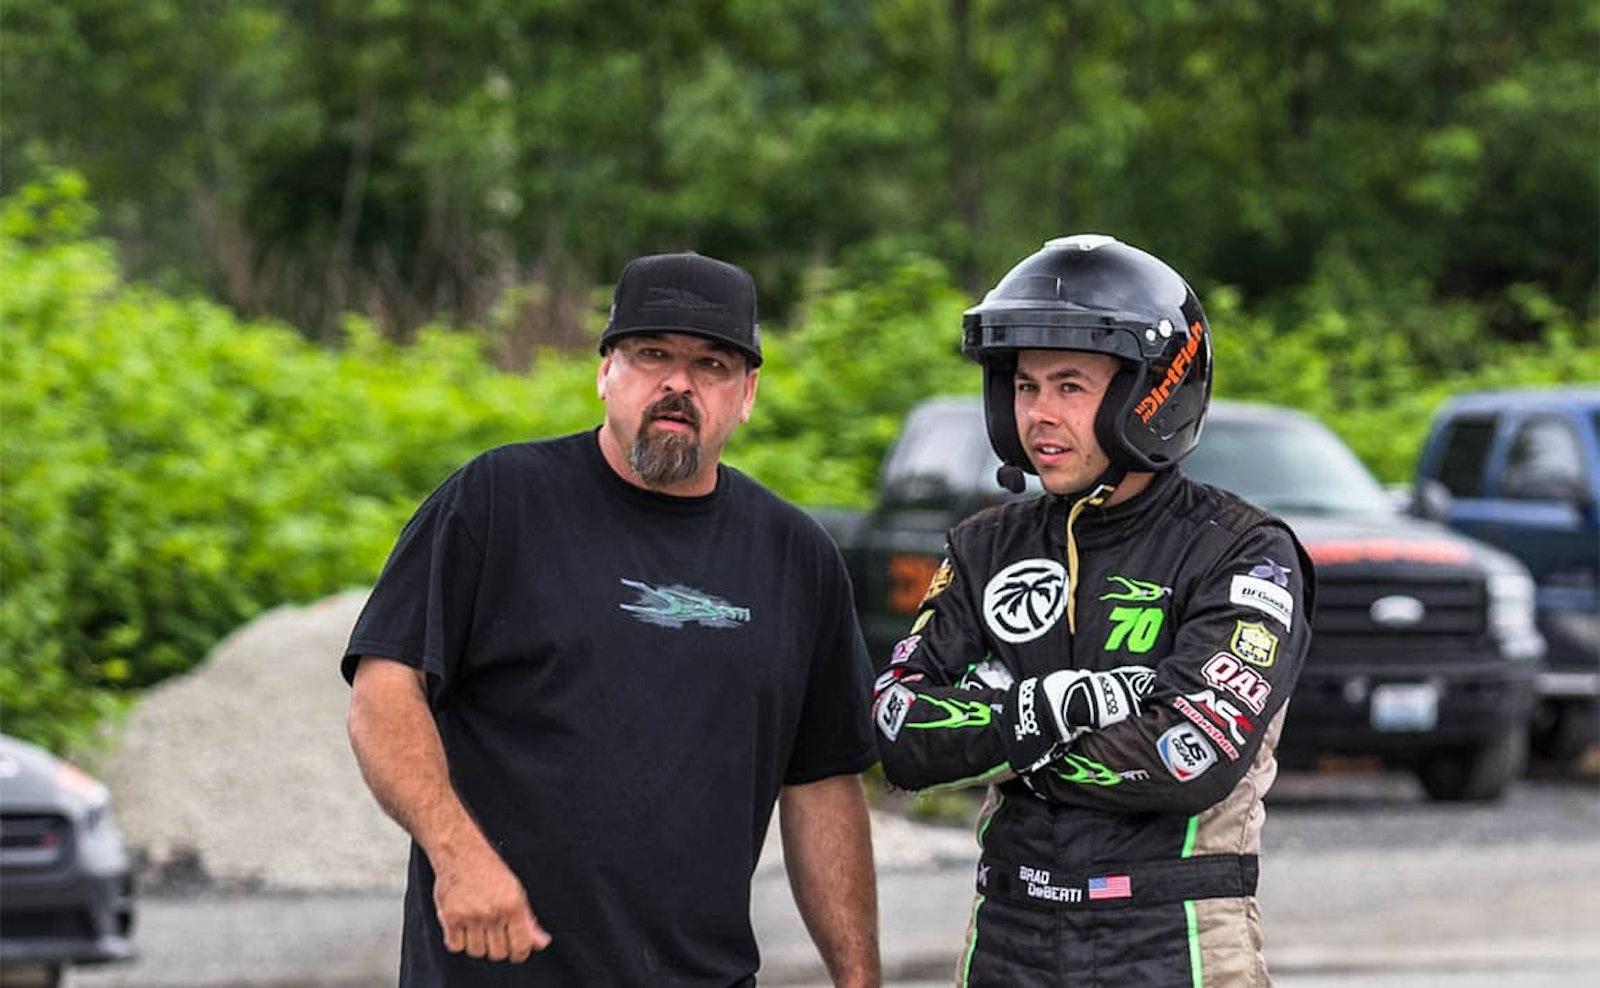 Brad DeBerti and Doug DeBerti training at DirtFish